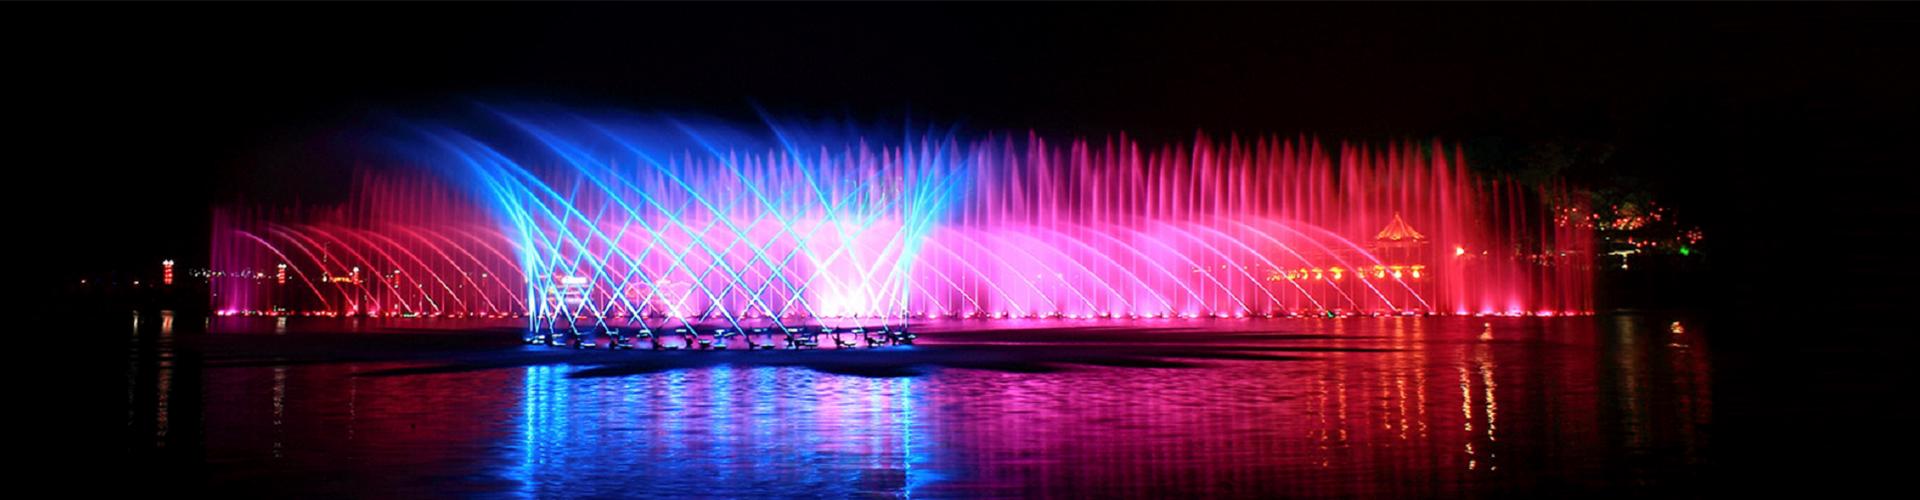 音乐喷泉施工的关键要素